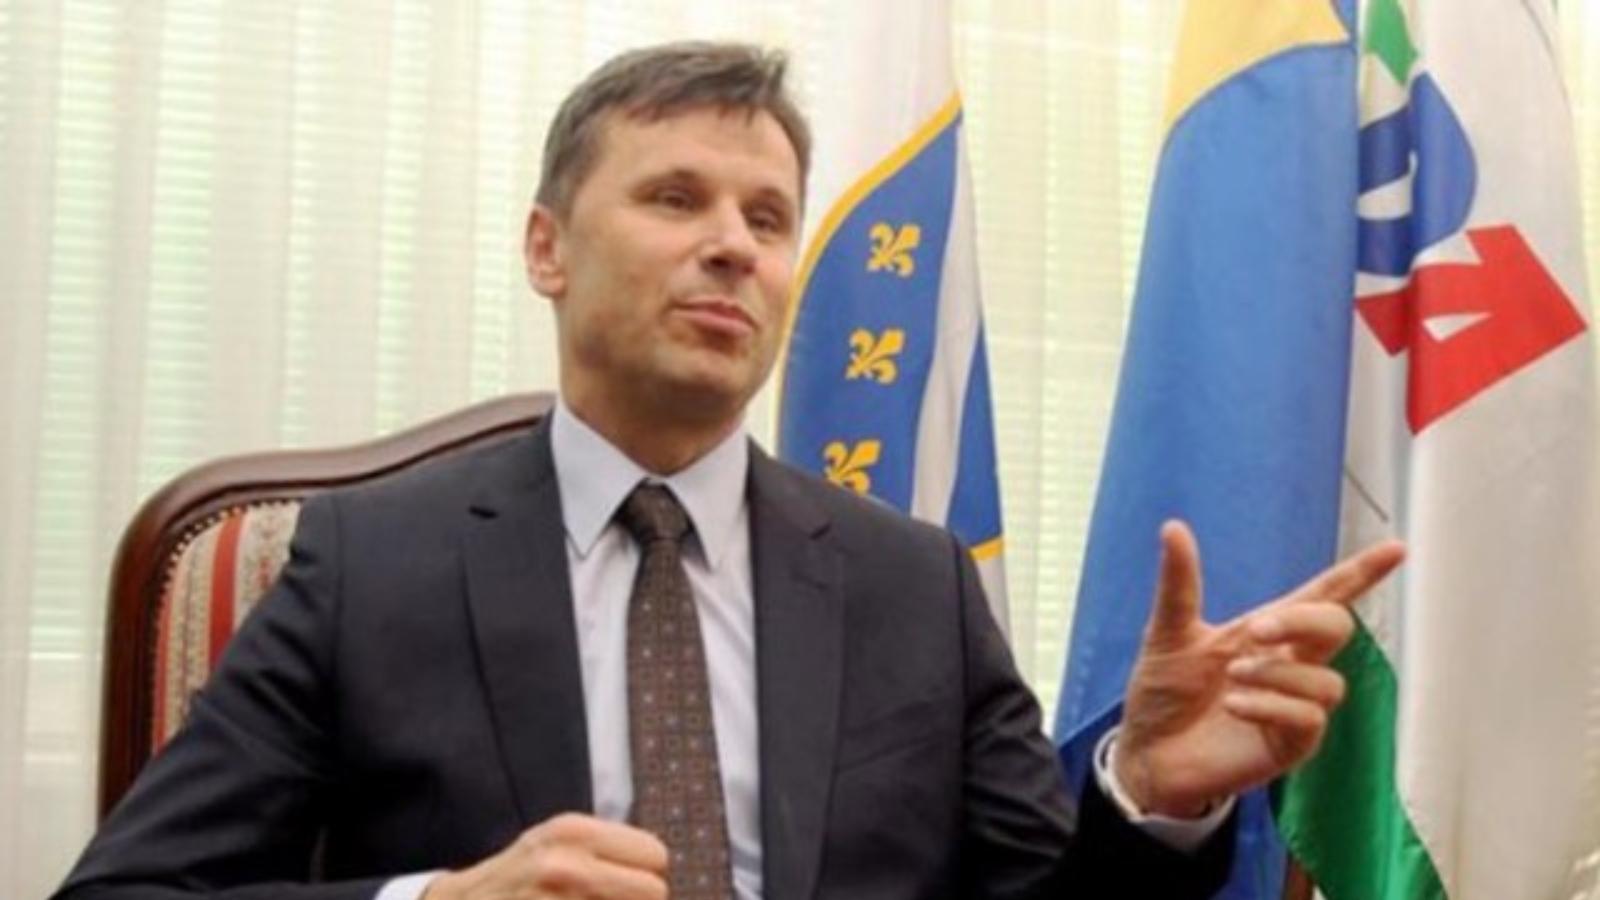 Opposition Demands Resignation of Bosnian Federation PM | Balkan Insight